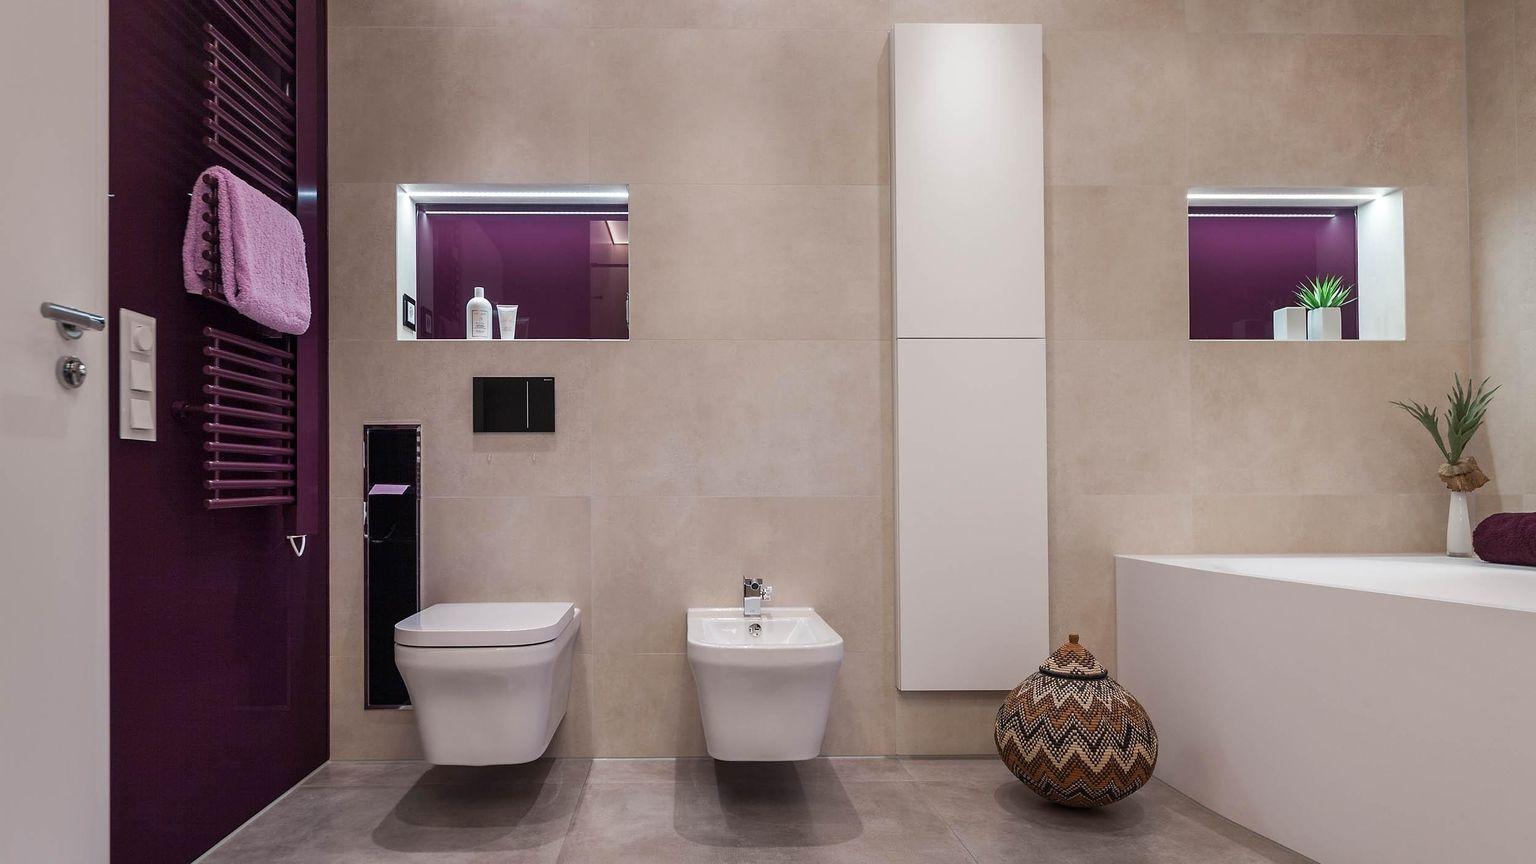 Einzel-schlafzimmer-wohndesign bestebadstudios badezimmer bad wc badewanne ba in